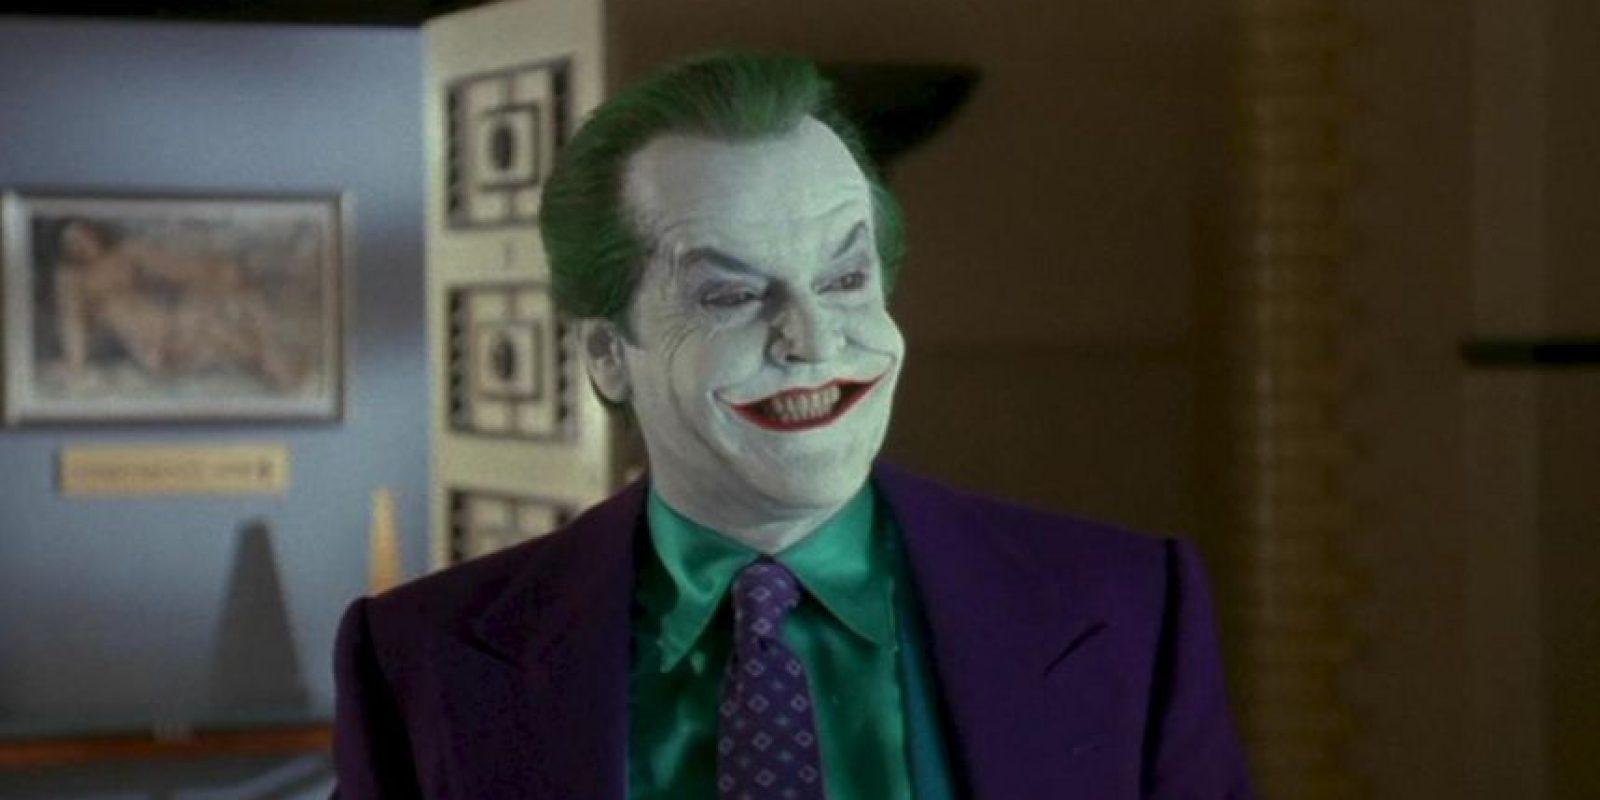 Para 1989, el actor Jack Nicholson sorprendería al mundo con su genial interpretación del personaje Foto:Warner Bros.